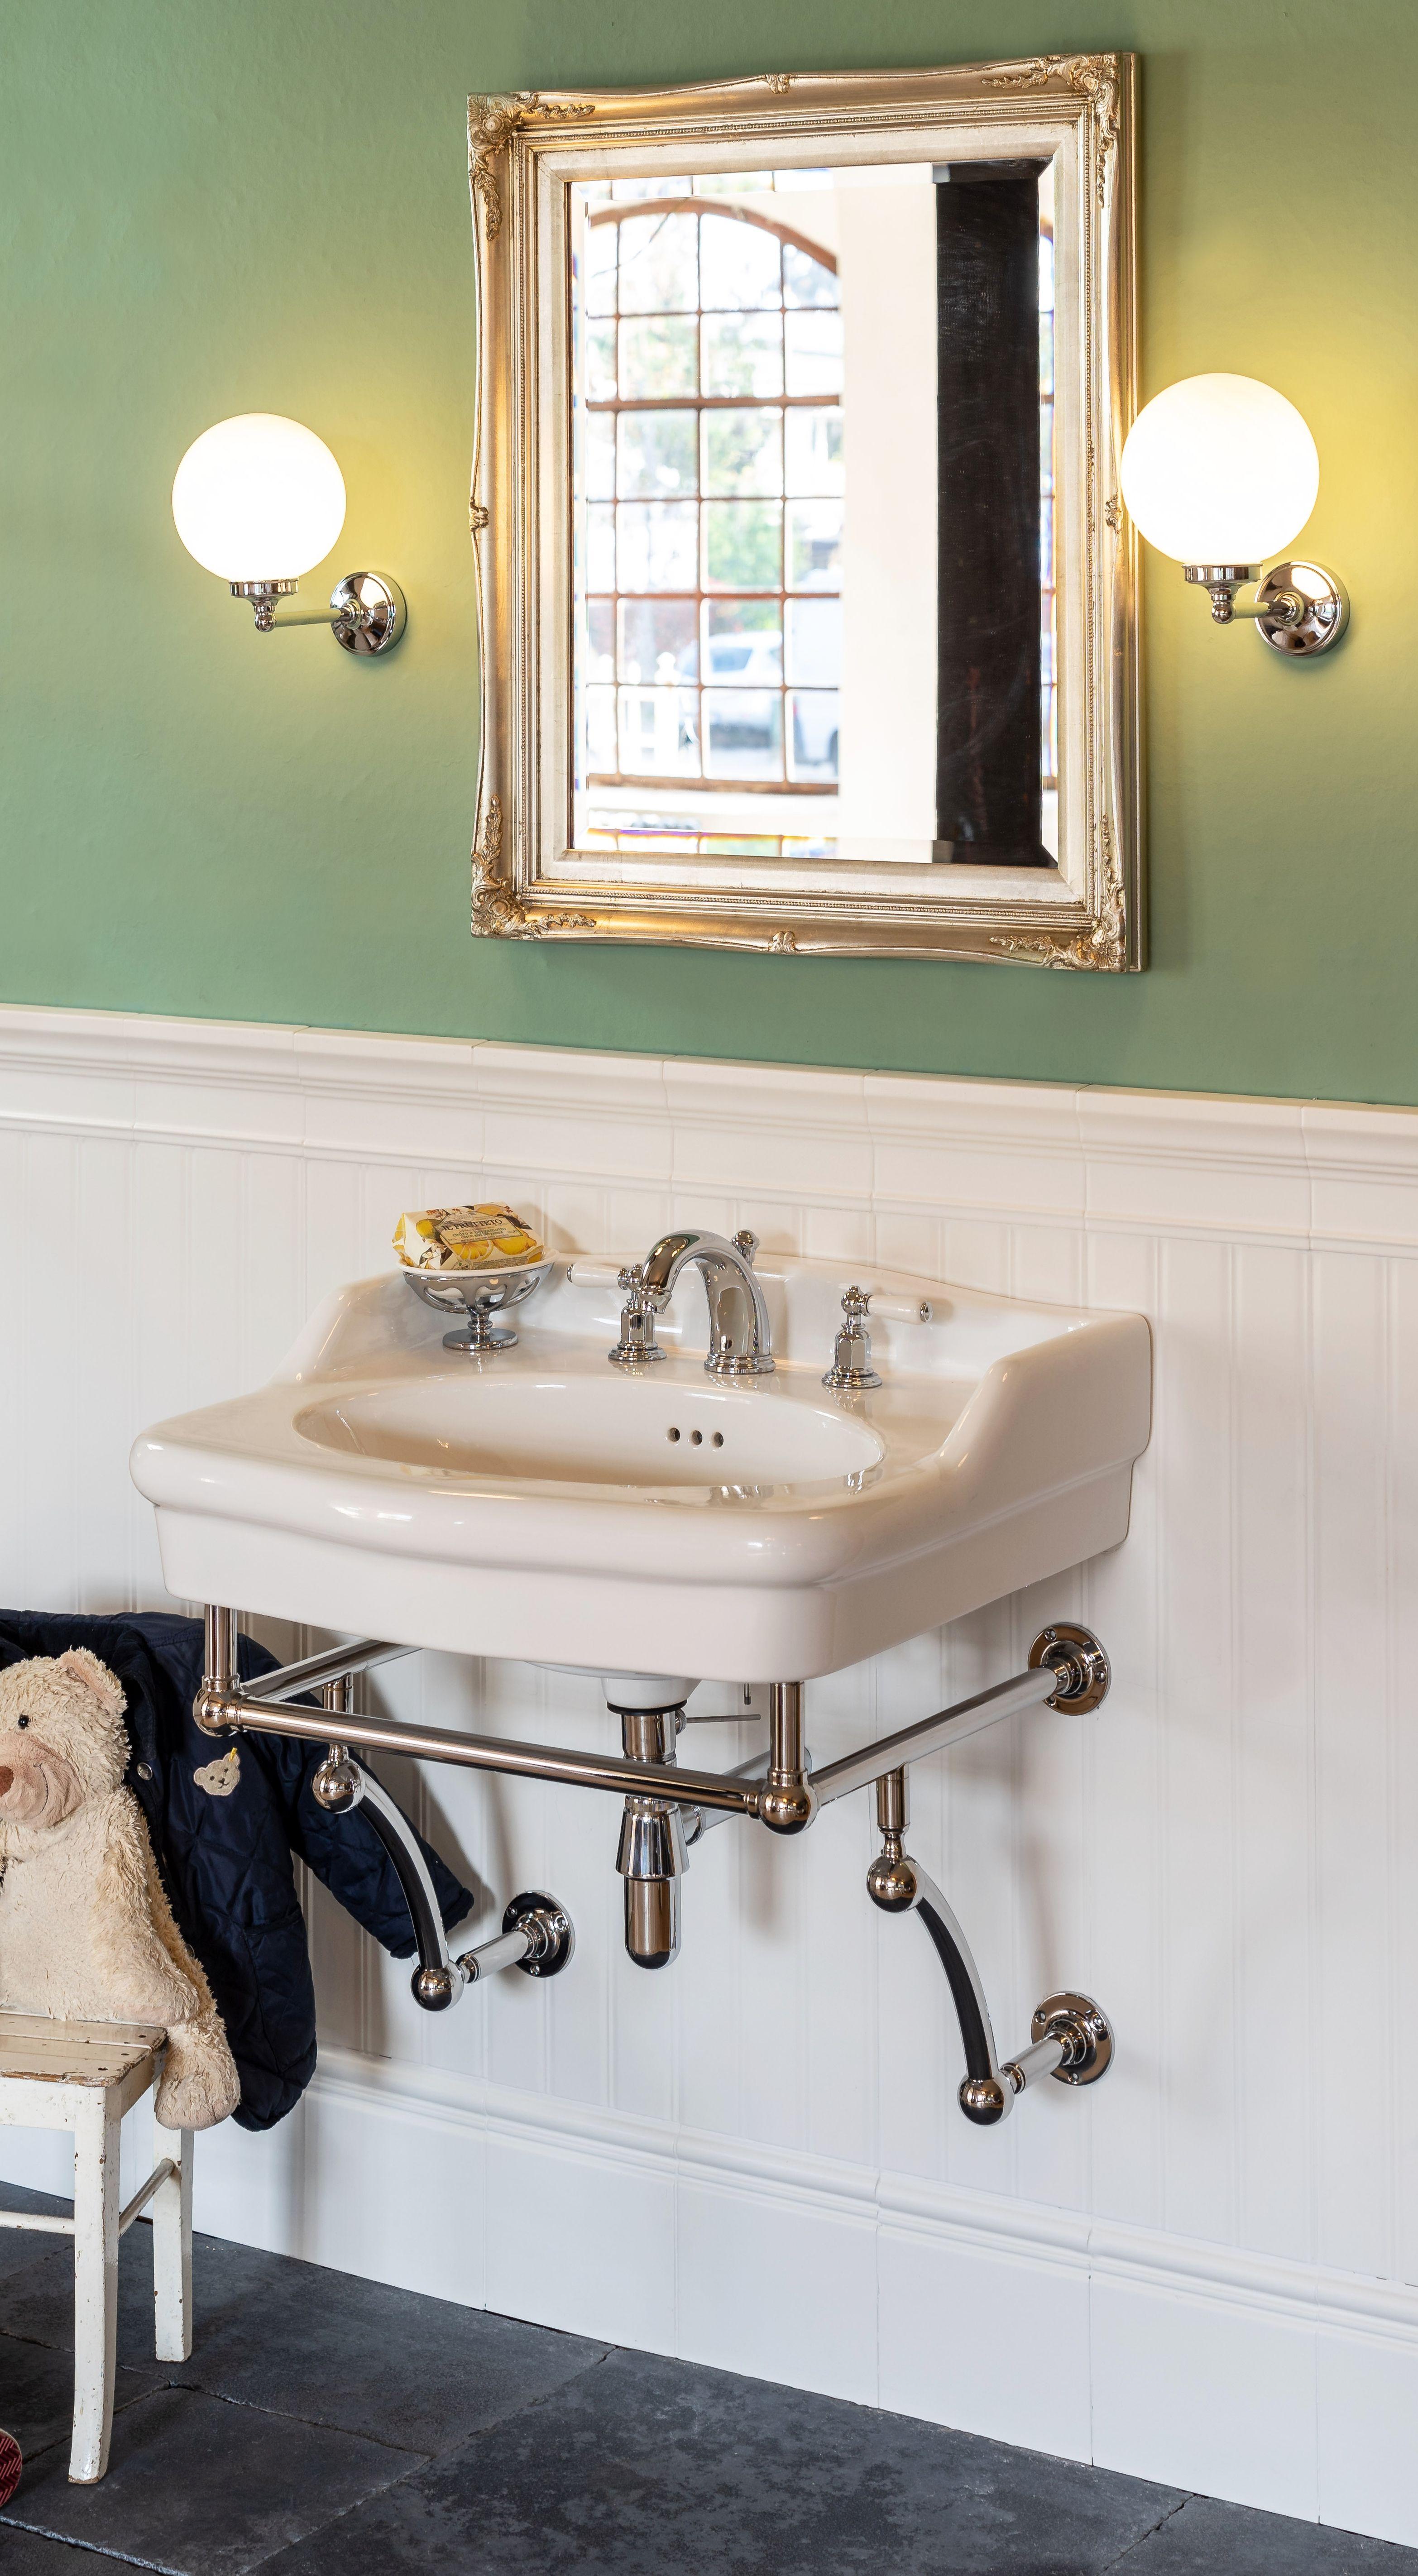 Dieser Waschtisch Im Klassischen Stil Erinnert Sofort An Das